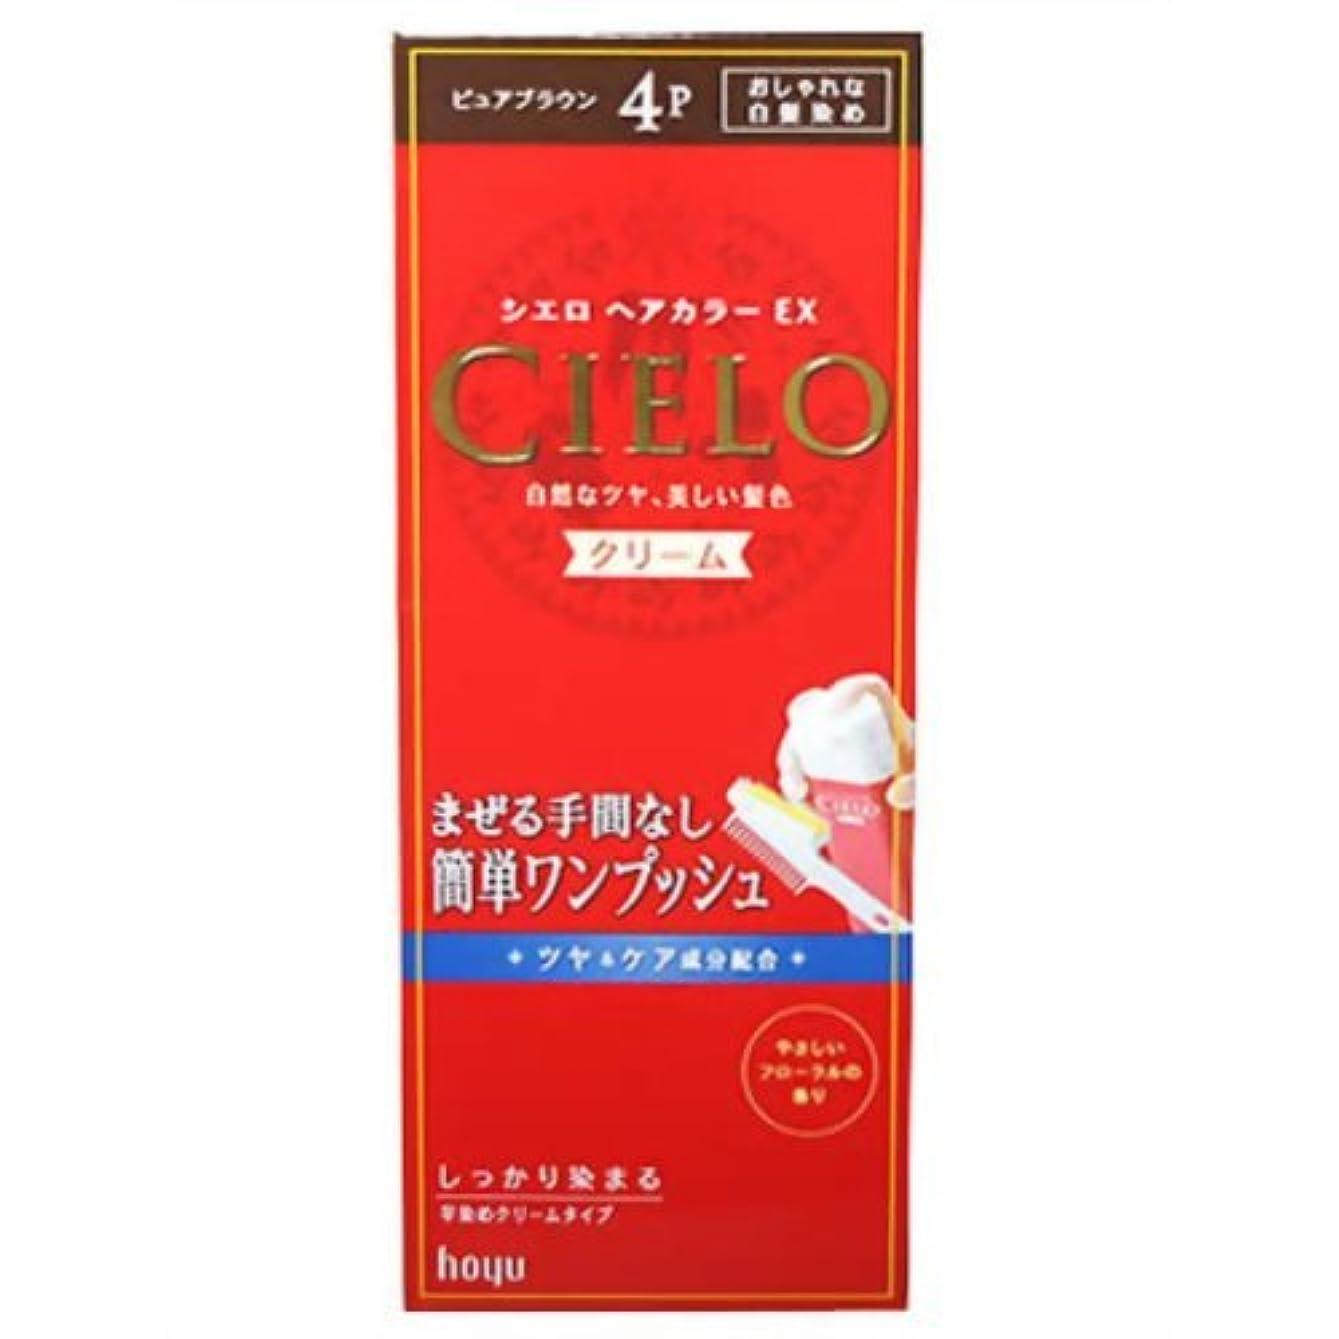 思い出金曜日引数シエロ ヘアカラ-EX クリ-ム 4P ピュアブラウン